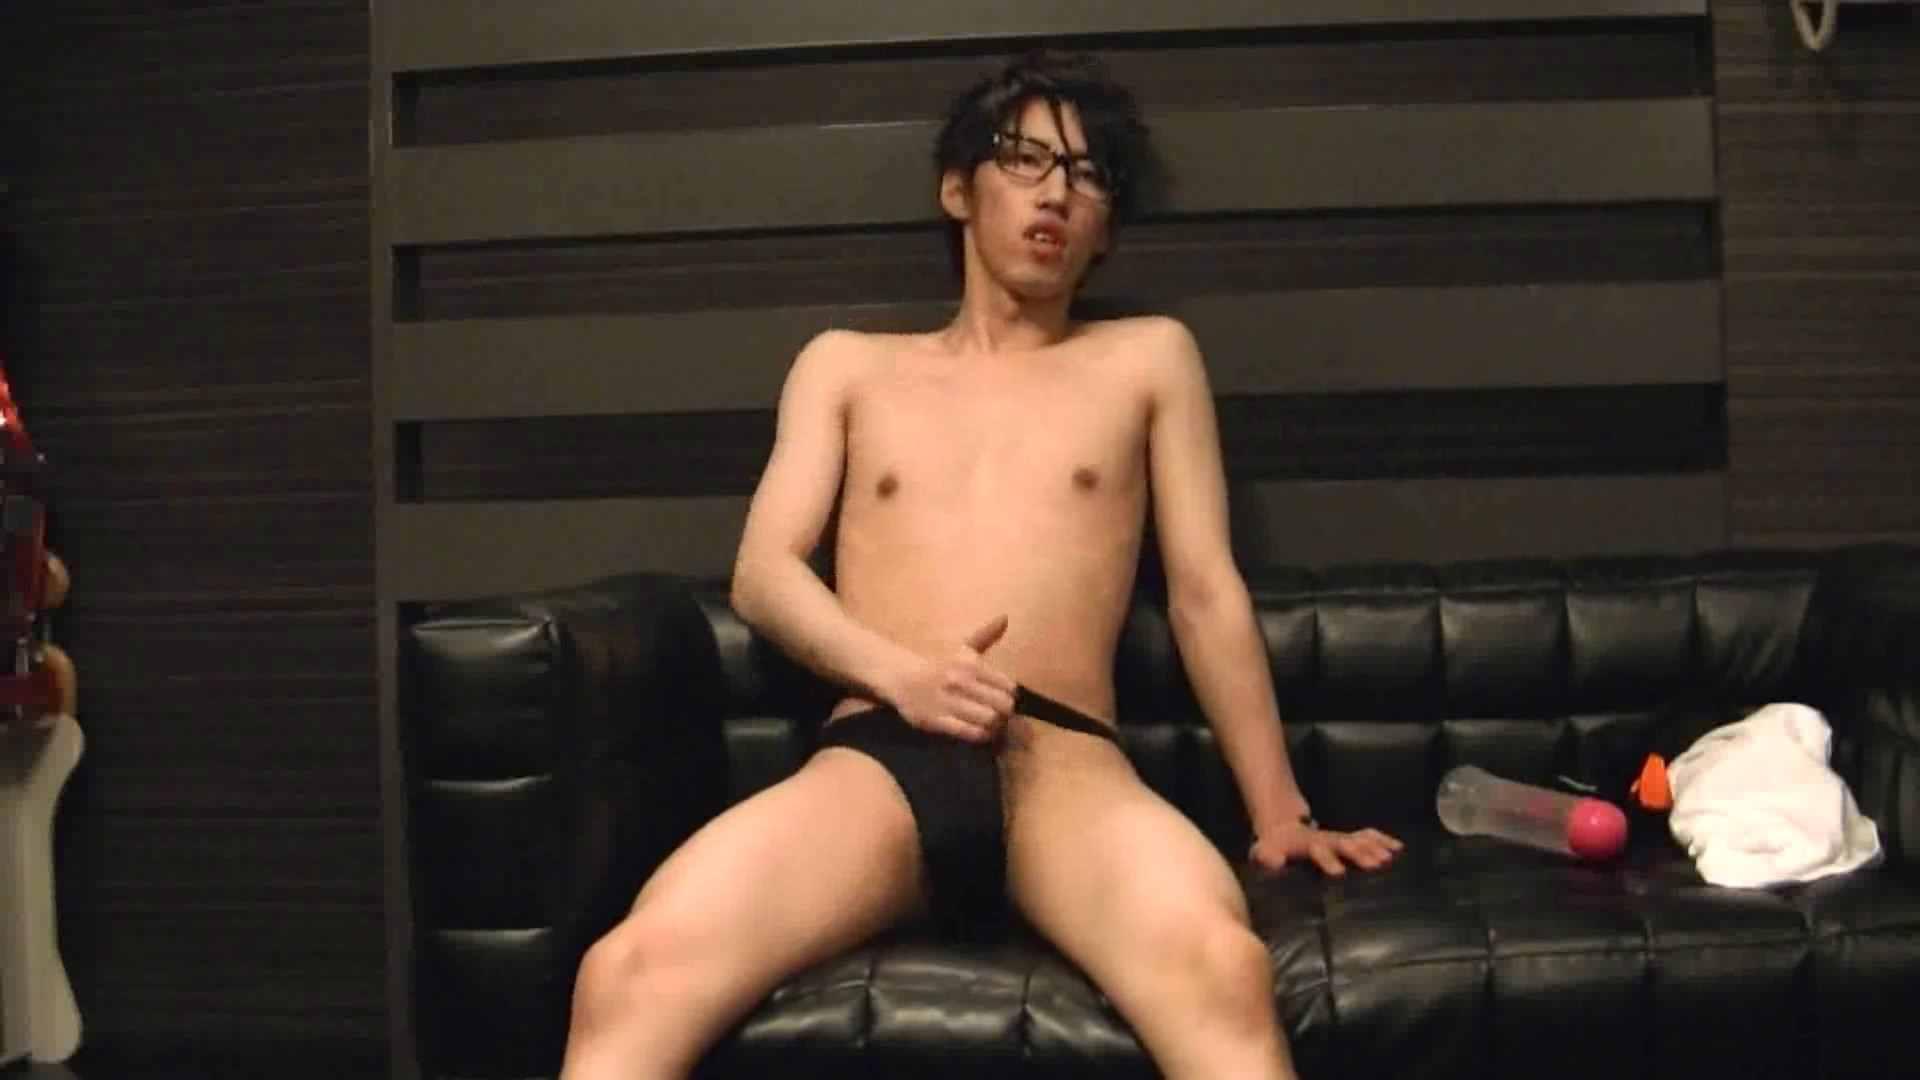 ONA見せカーニバル!! Vol3 ゲイのオナニー映像 | 男祭り  103枚 59